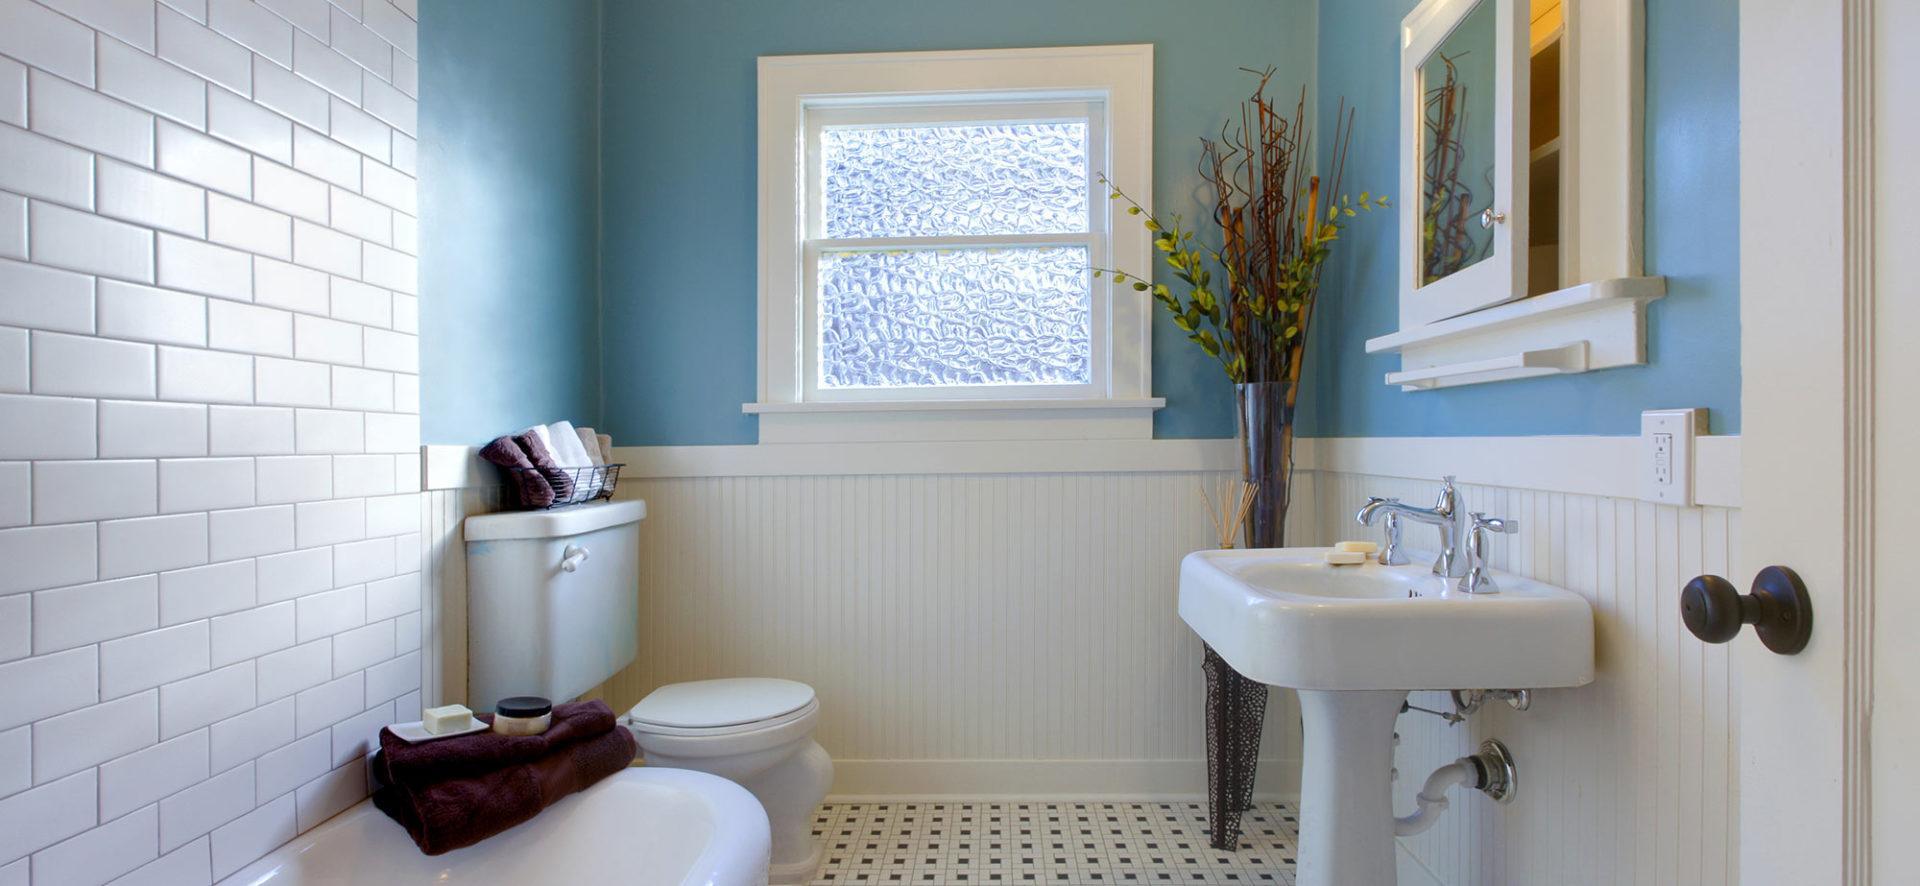 Vom Waschzuber zum modernen Badezimmer - Zuhause bei SAM®